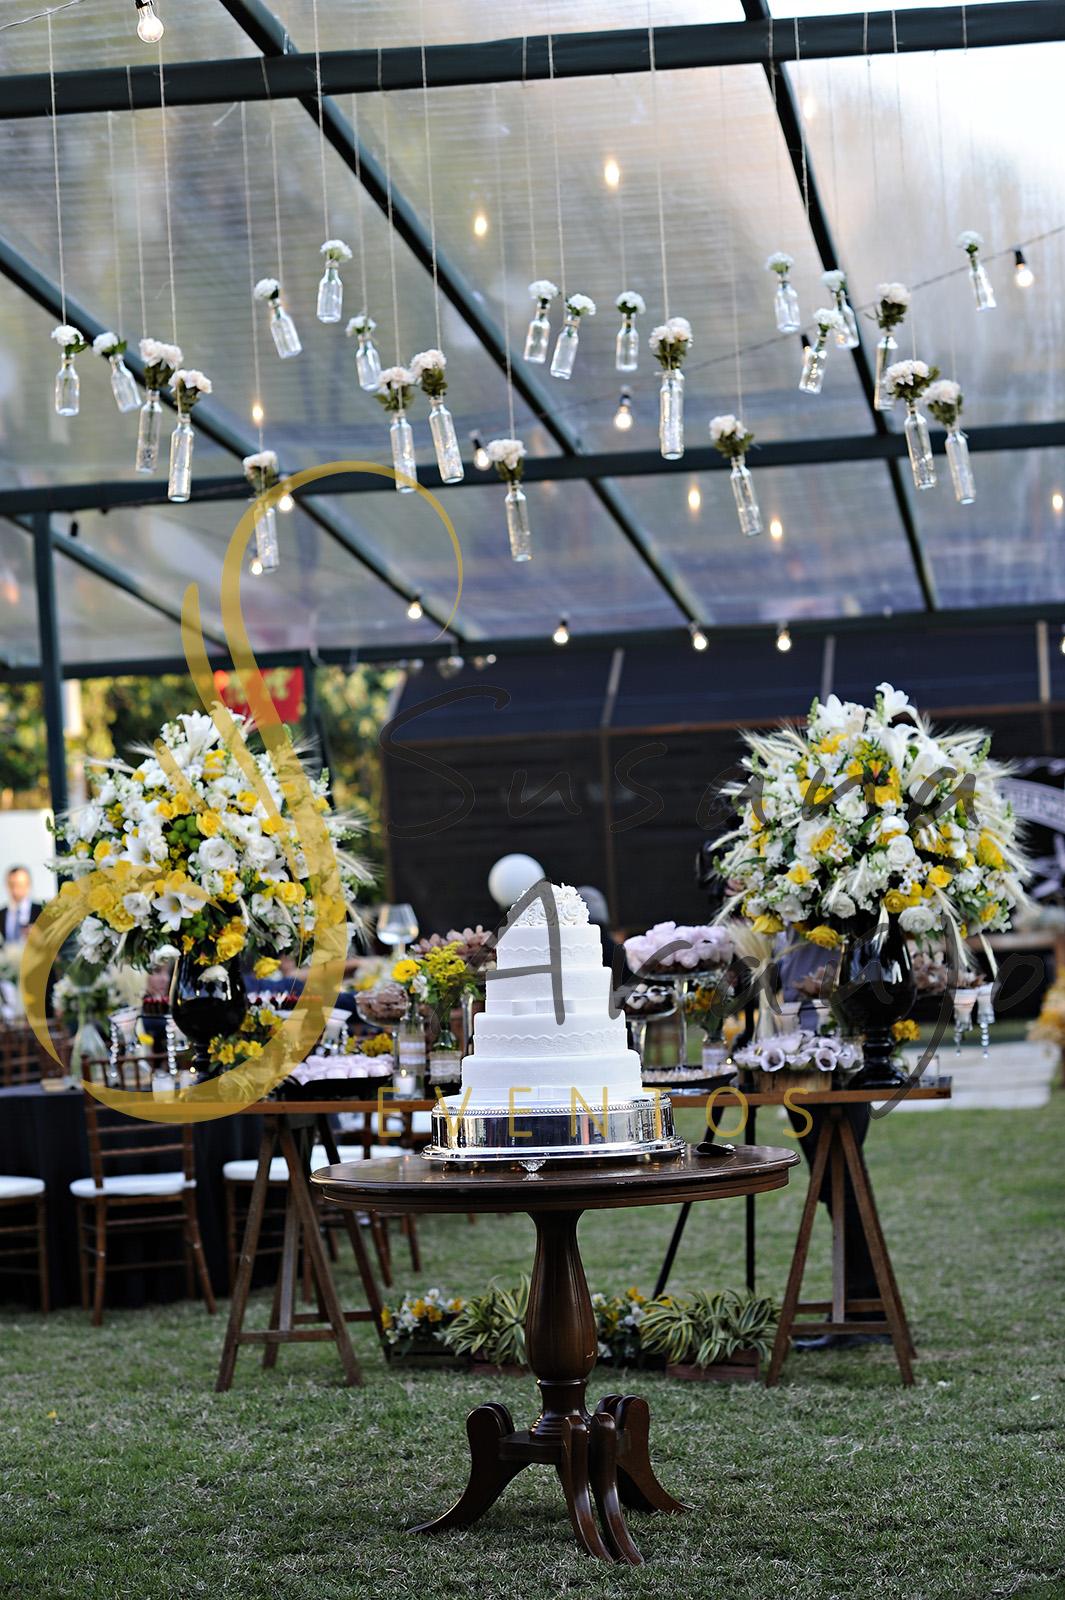 Casamento Cerimônia ao ar livre gramado sitio Decoração floral flores amarelas brancas mesa doces bolo arranjo alto decorativo flores suspensas vidrinhos